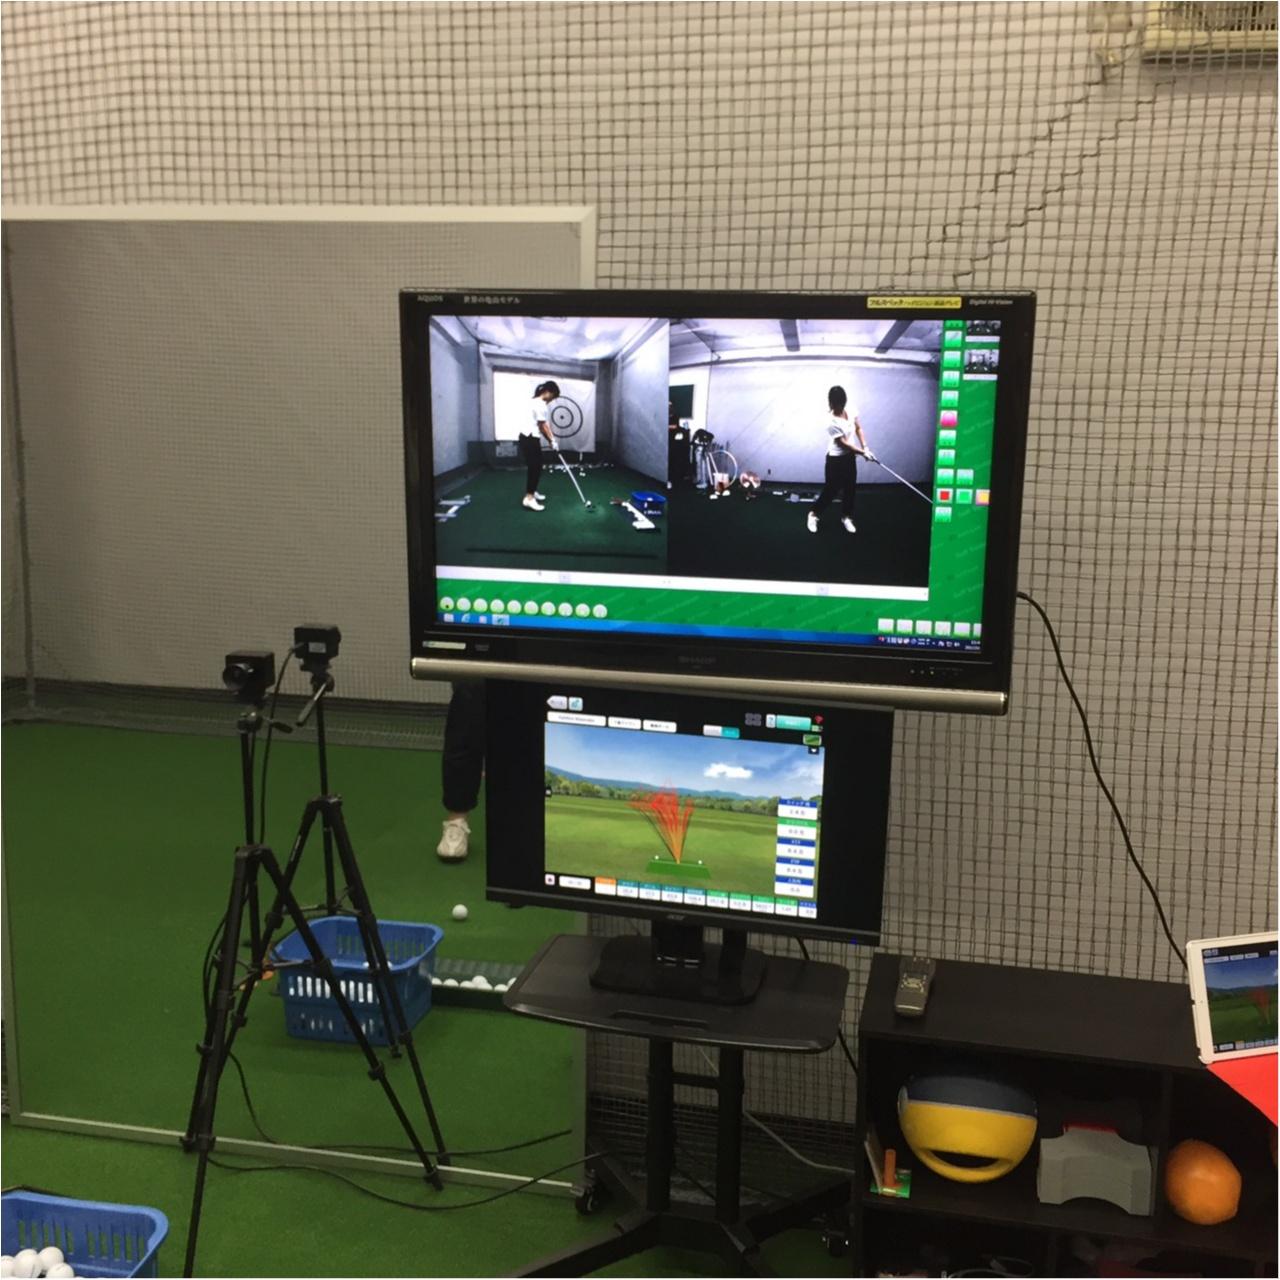 『エースゴルフクラブ 神保町』でレッスンスタート! スイング解析機で自分の欠点を発見!【#モアチャレ ゴルフチャレンジ】_3